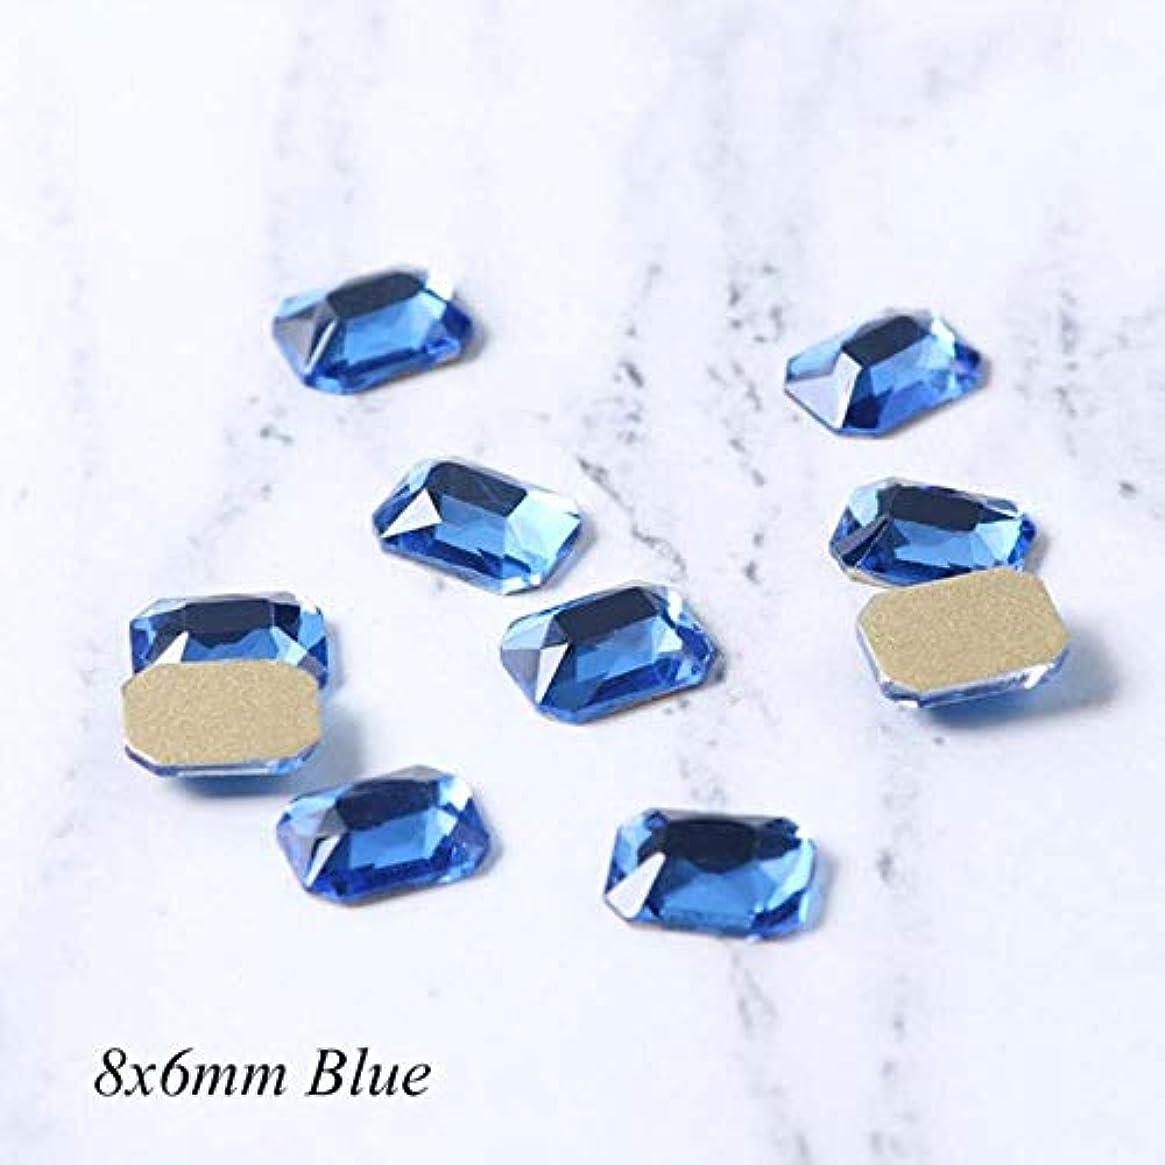 同等の苦いまっすぐにする10個入りネイルラインストーン長方形フラットバッククリスタルシャイニー3Dストラスジェムストーンマニキュアネイルアートデコレーションチャームジュエリー,ブルー